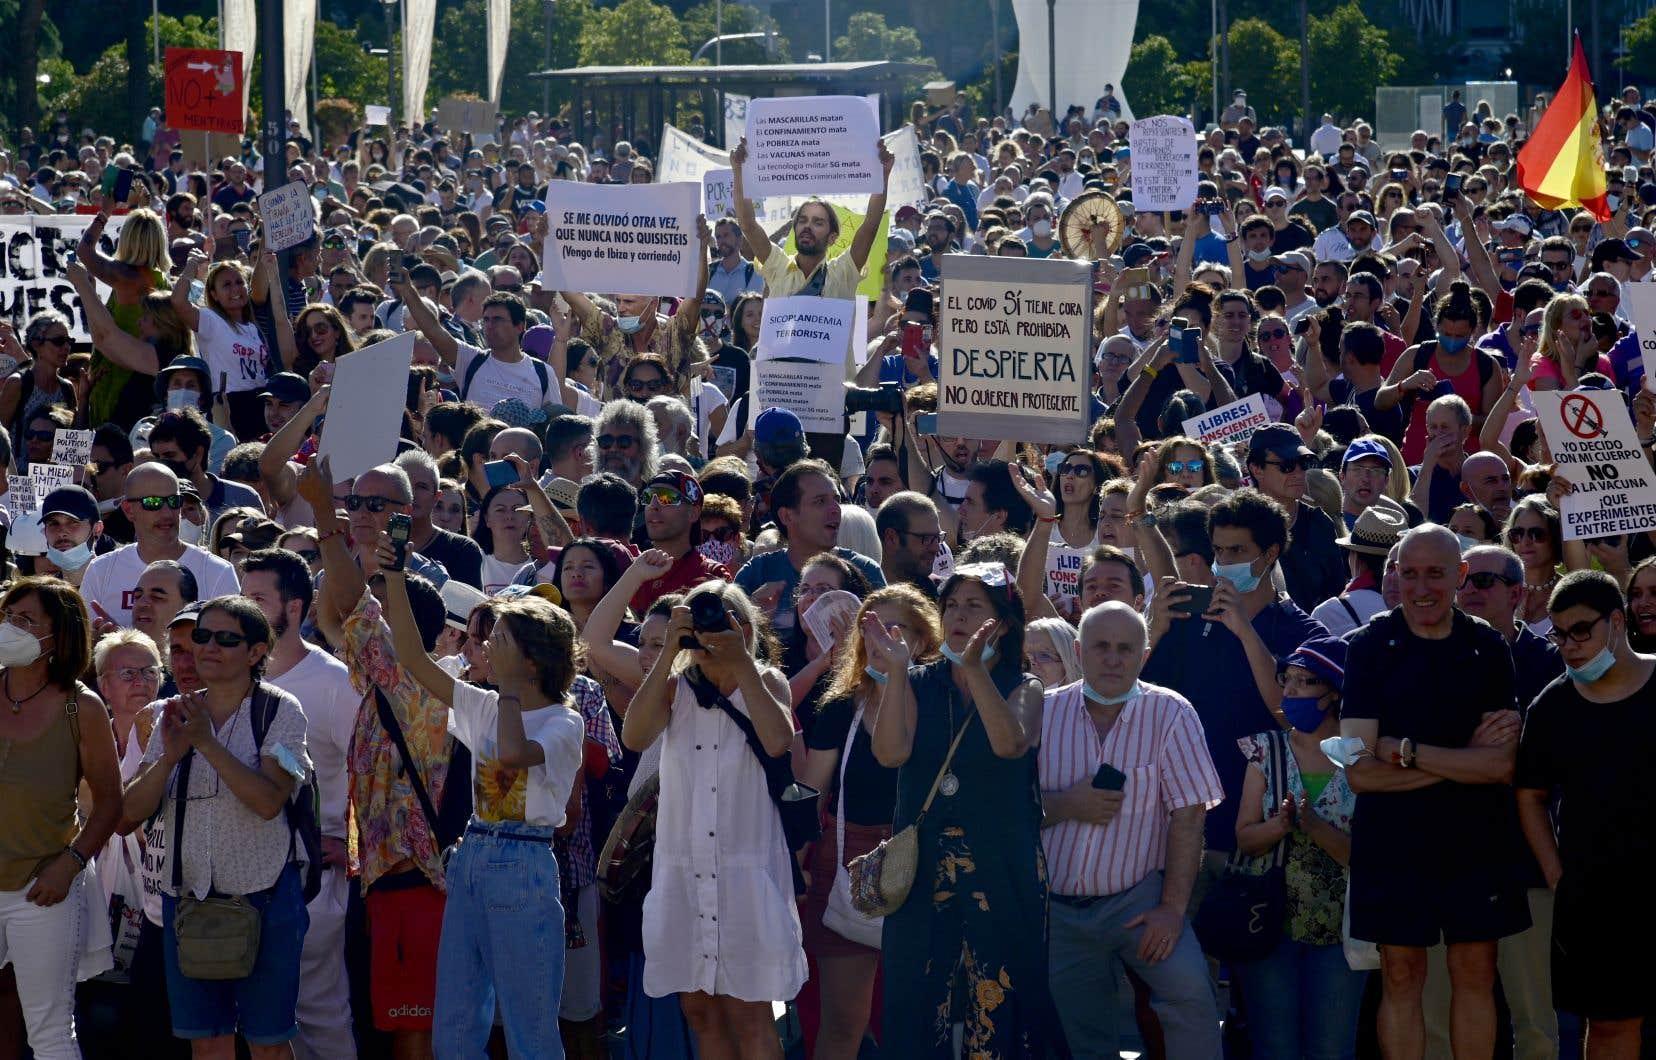 La foule, mobilisée par les réseaux sociaux, s'est rassemblée dans le centre de la capitale espagnole.